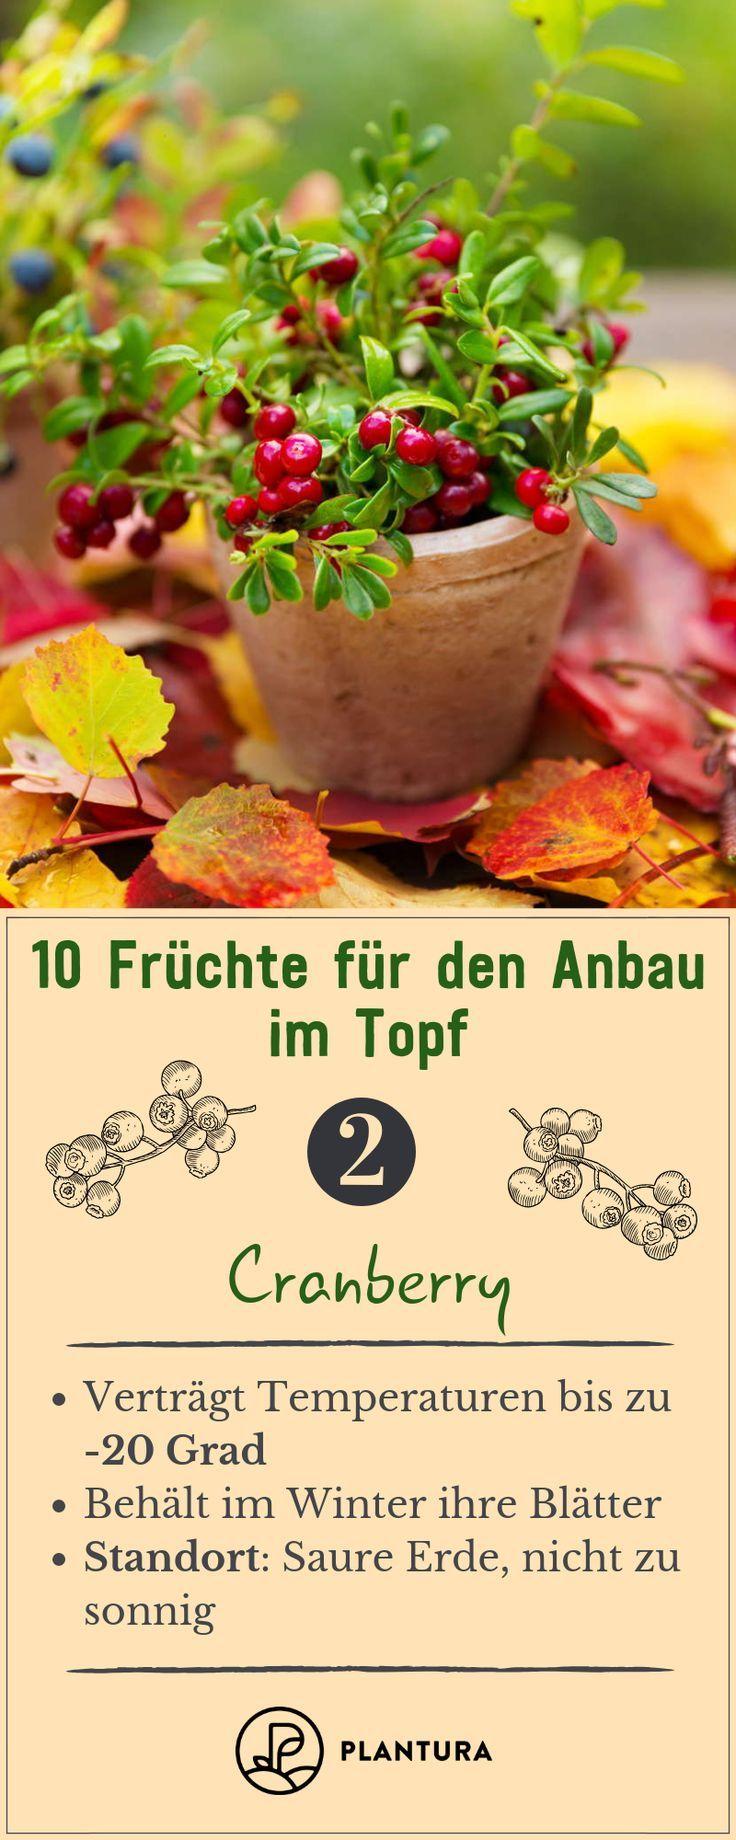 10 Früchte für den Anbau im Topf - Plantura